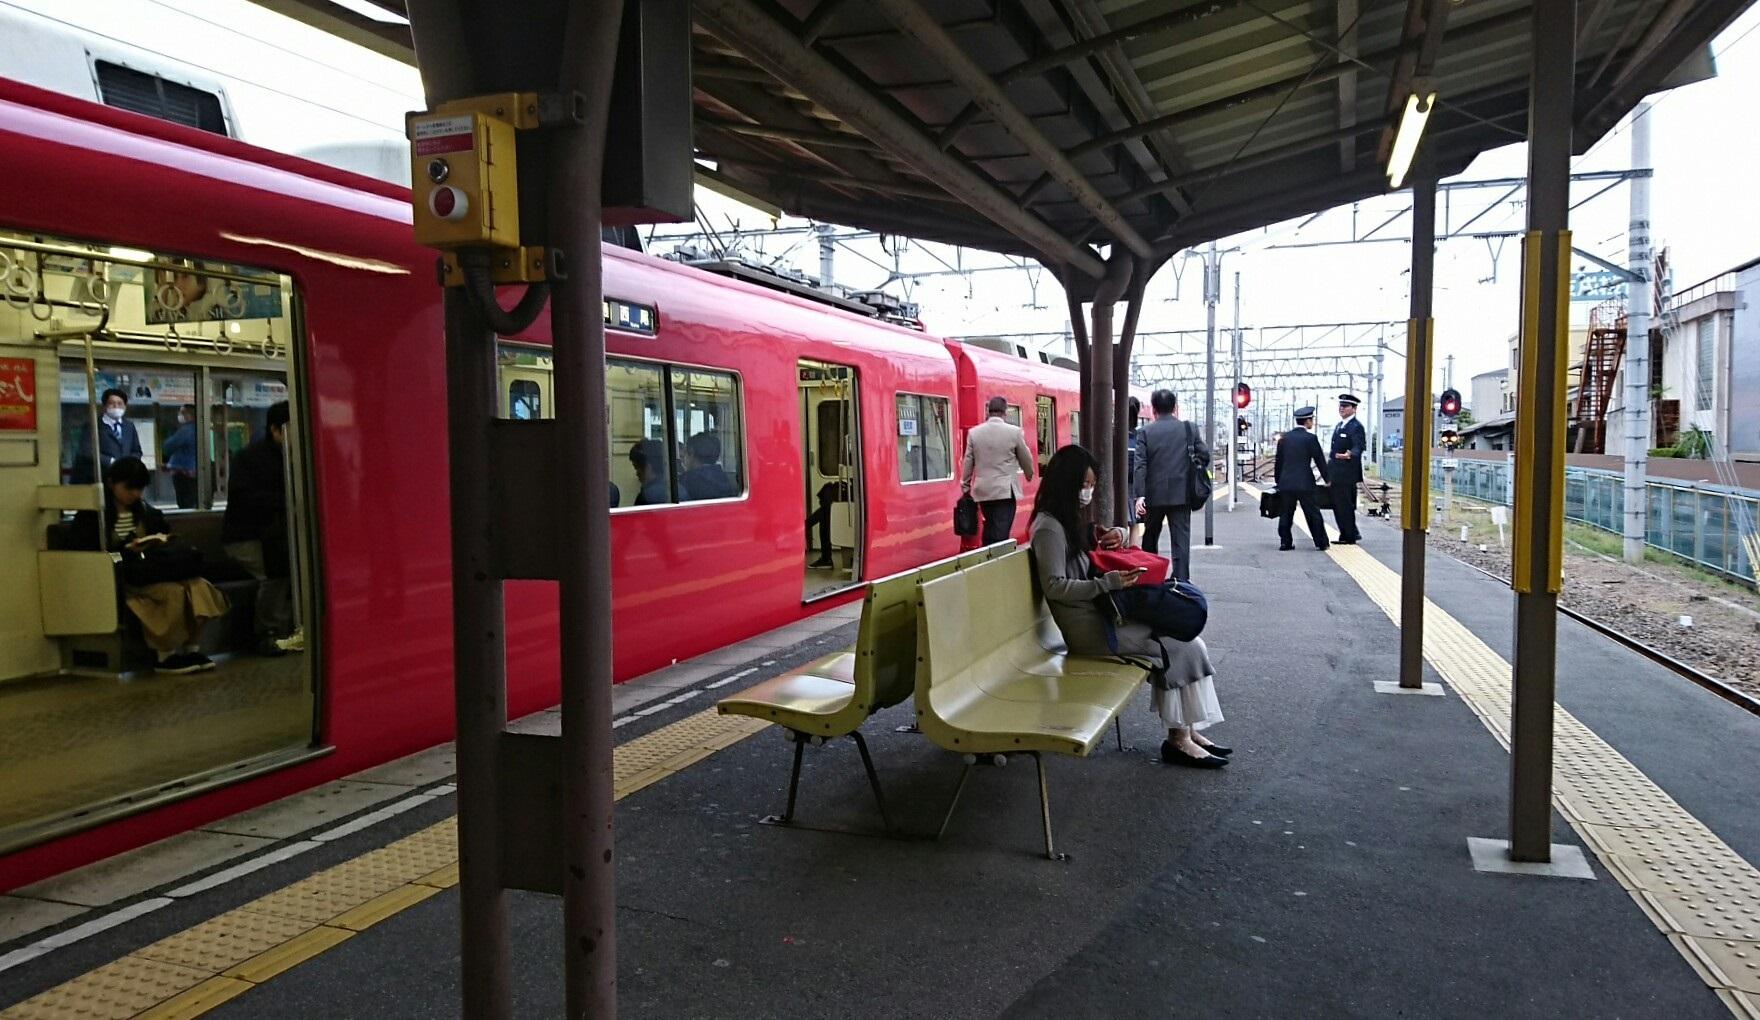 2018.4.11 名古屋 (39) しんあんじょう - 西尾いきふつう 1760-1020